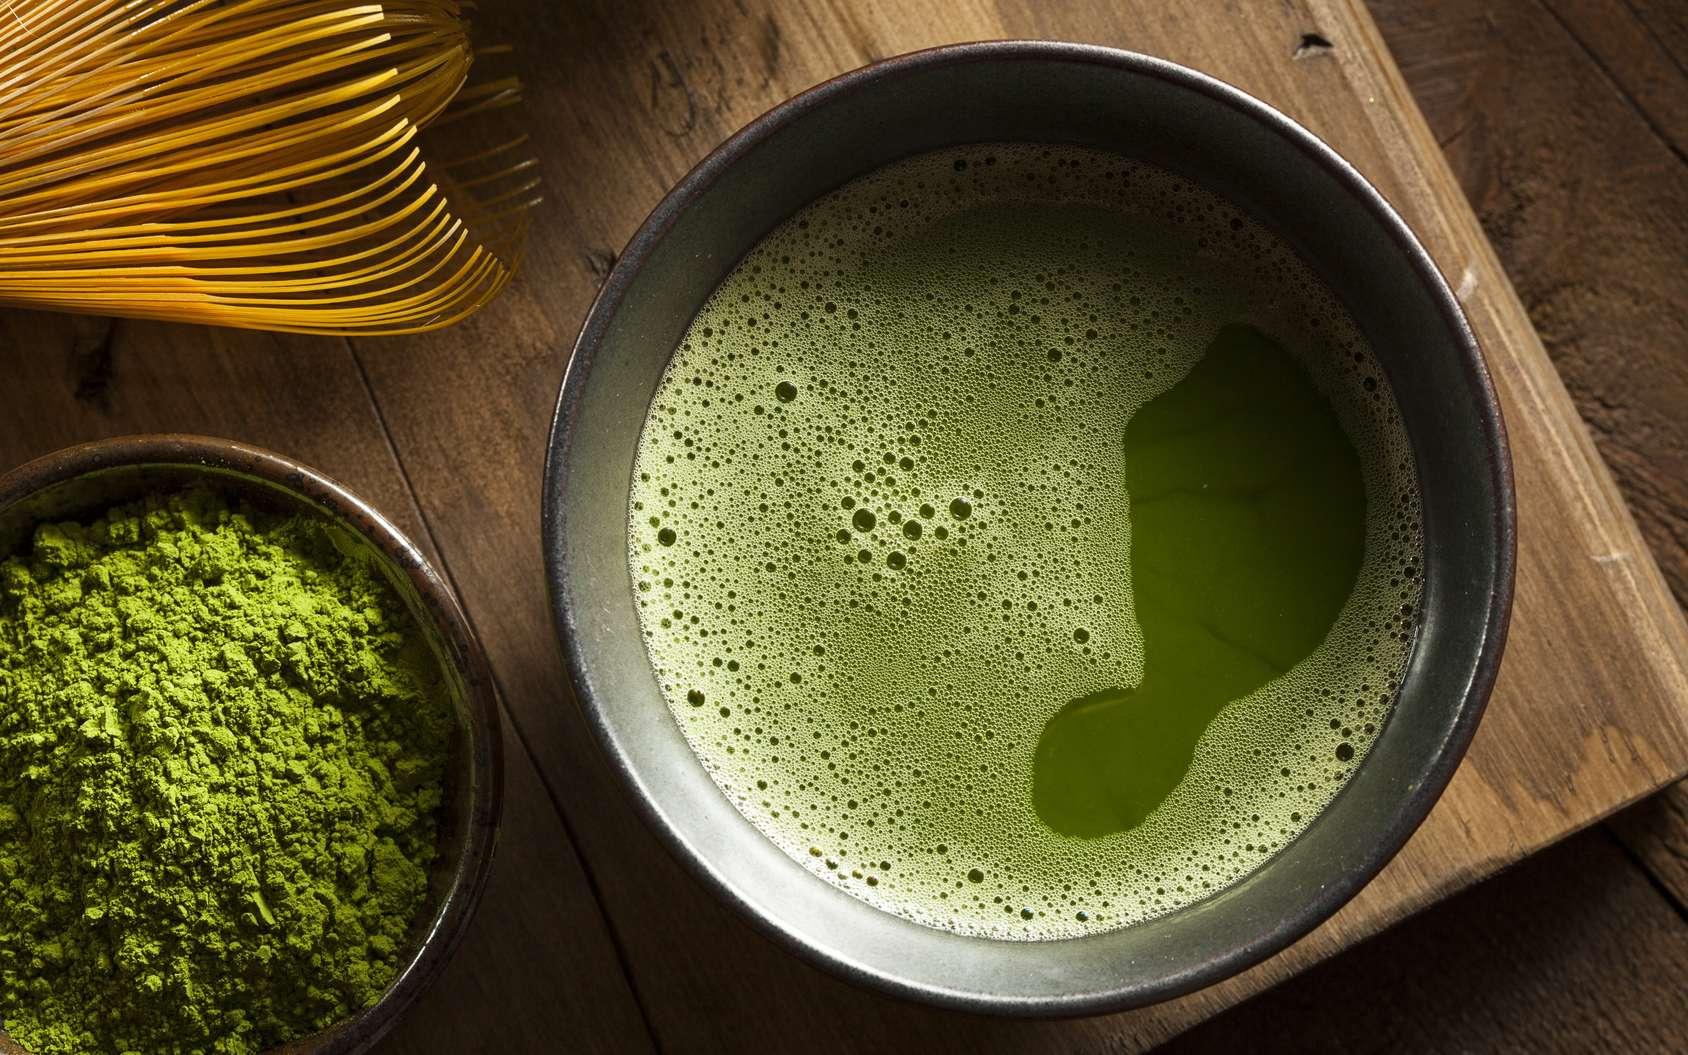 Le Japon ne produit que du thé vert, le noir étant plutôt occidental. Les variétés de thés verts dépendent principalement de la forme des feuilles. © Brent Hofacker, Fotolia